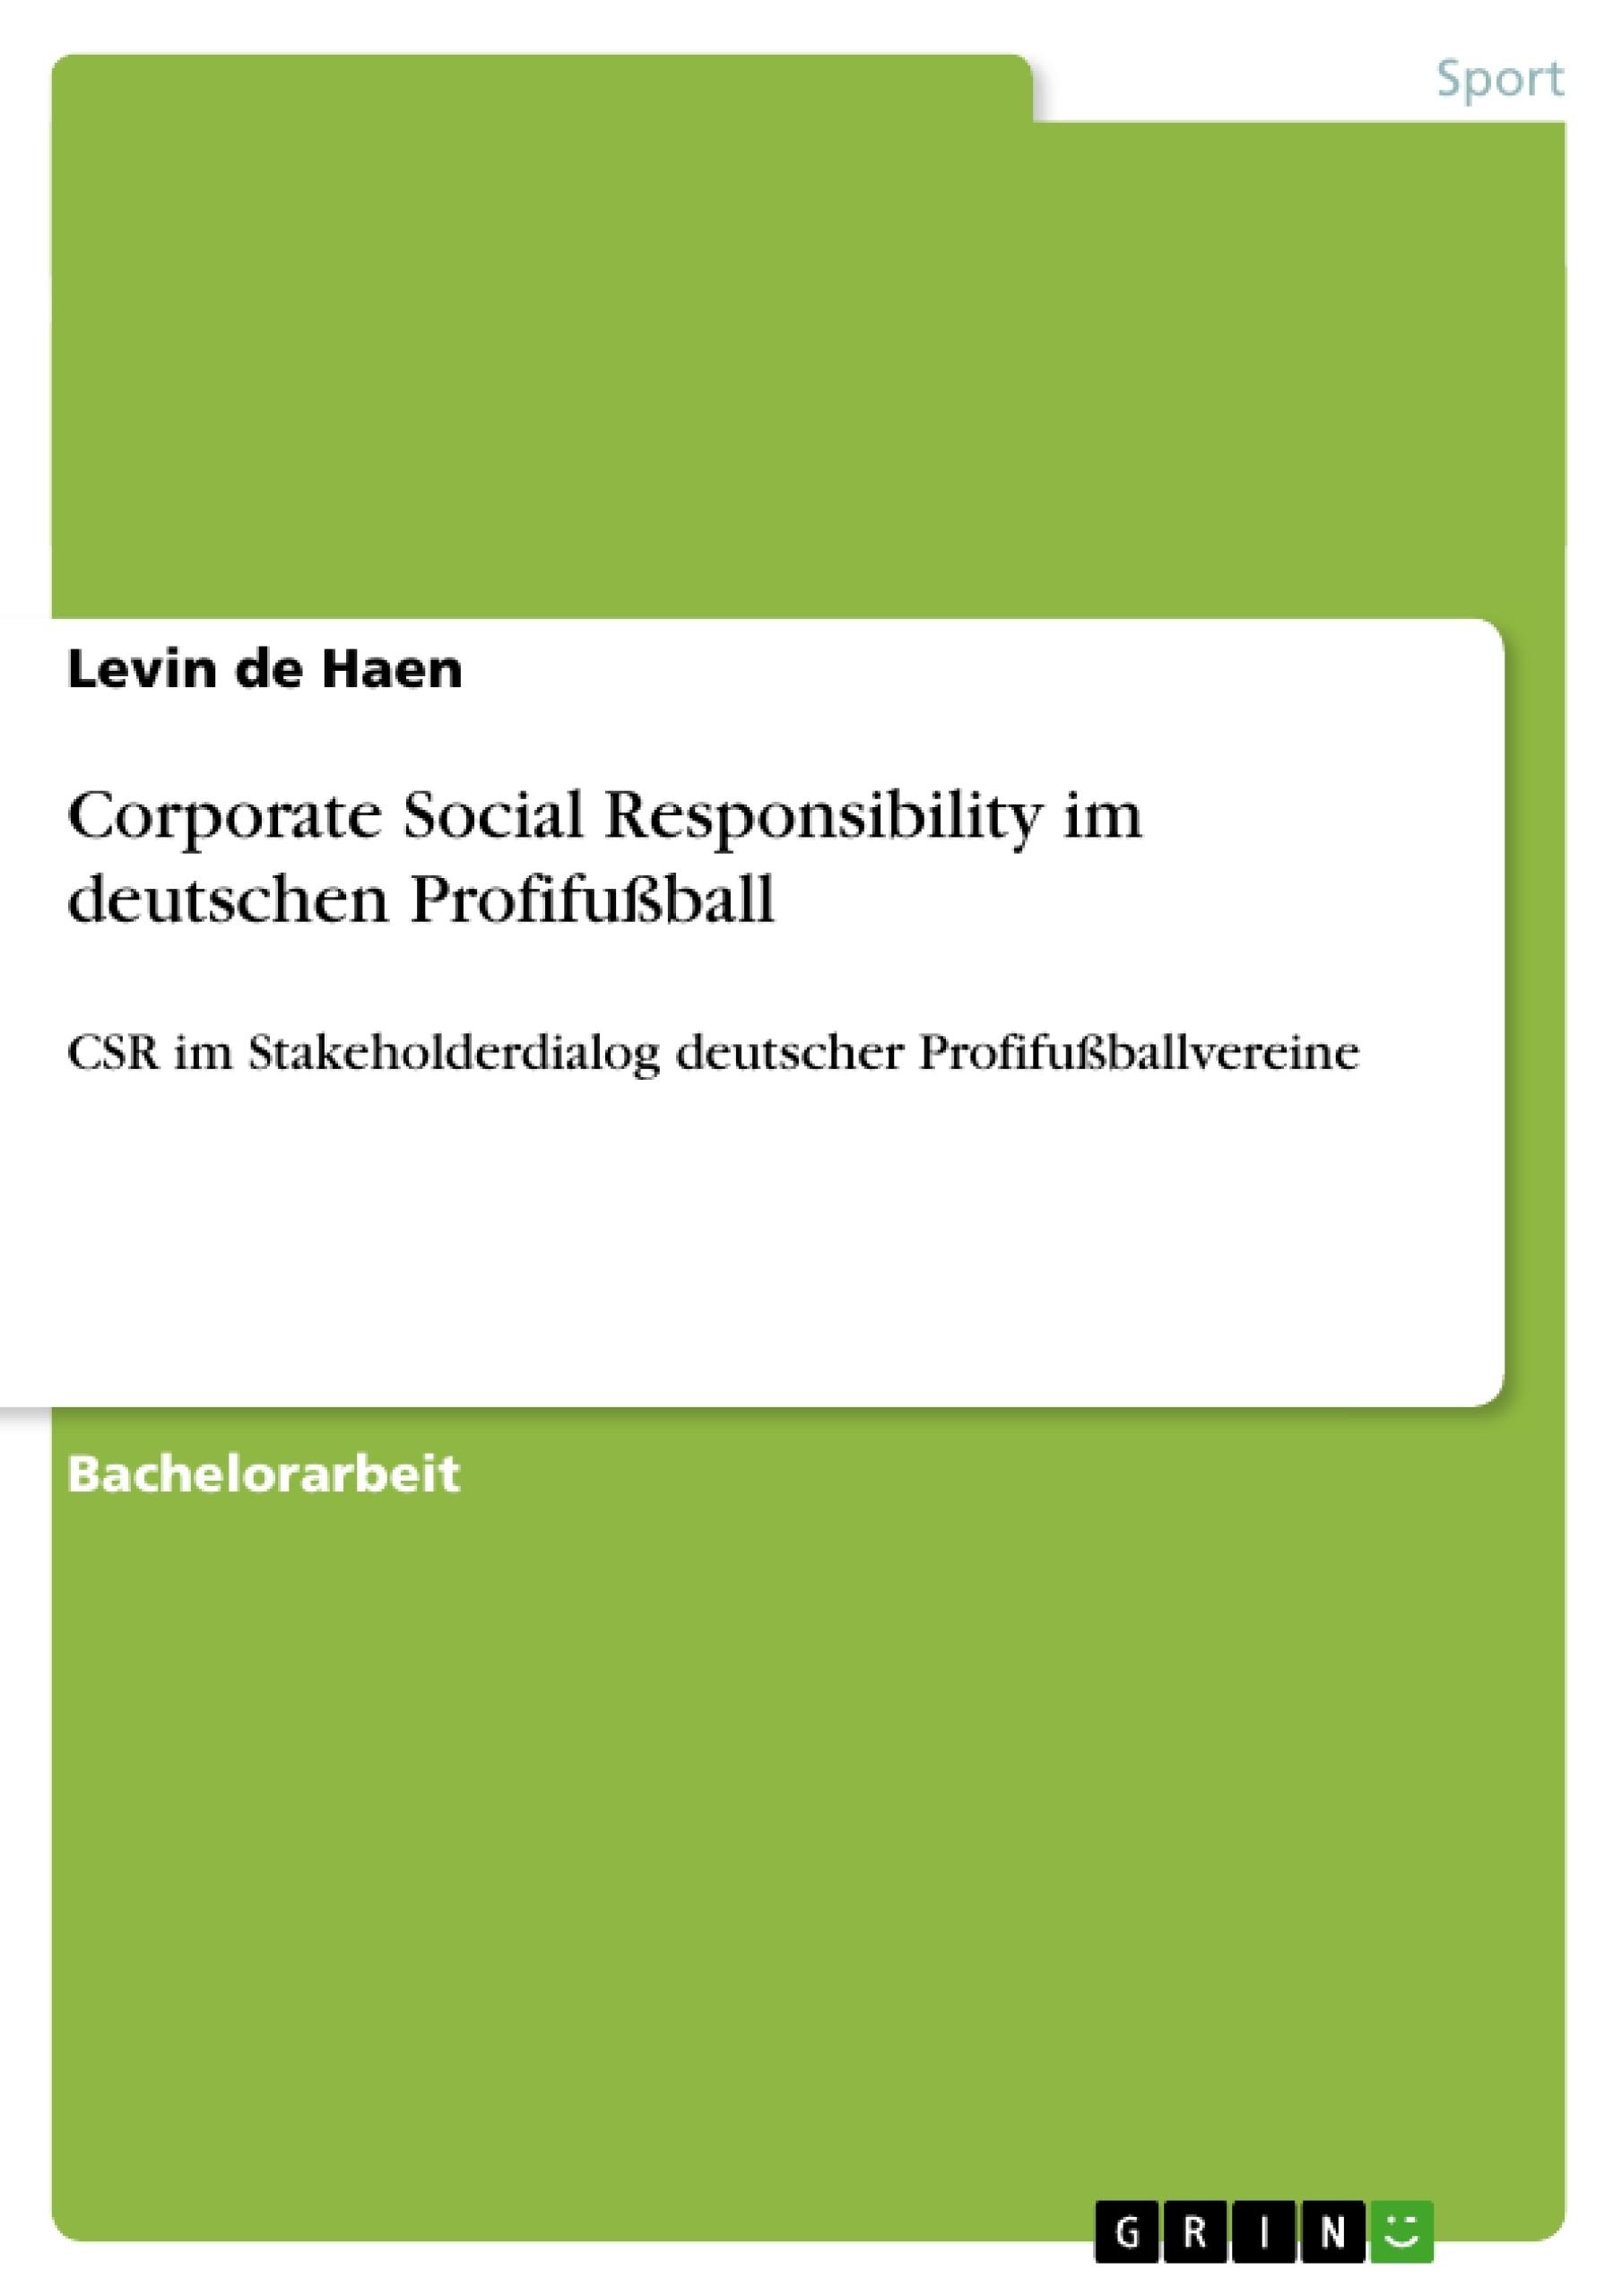 Titel: Corporate Social Responsibility im deutschen Profifußball